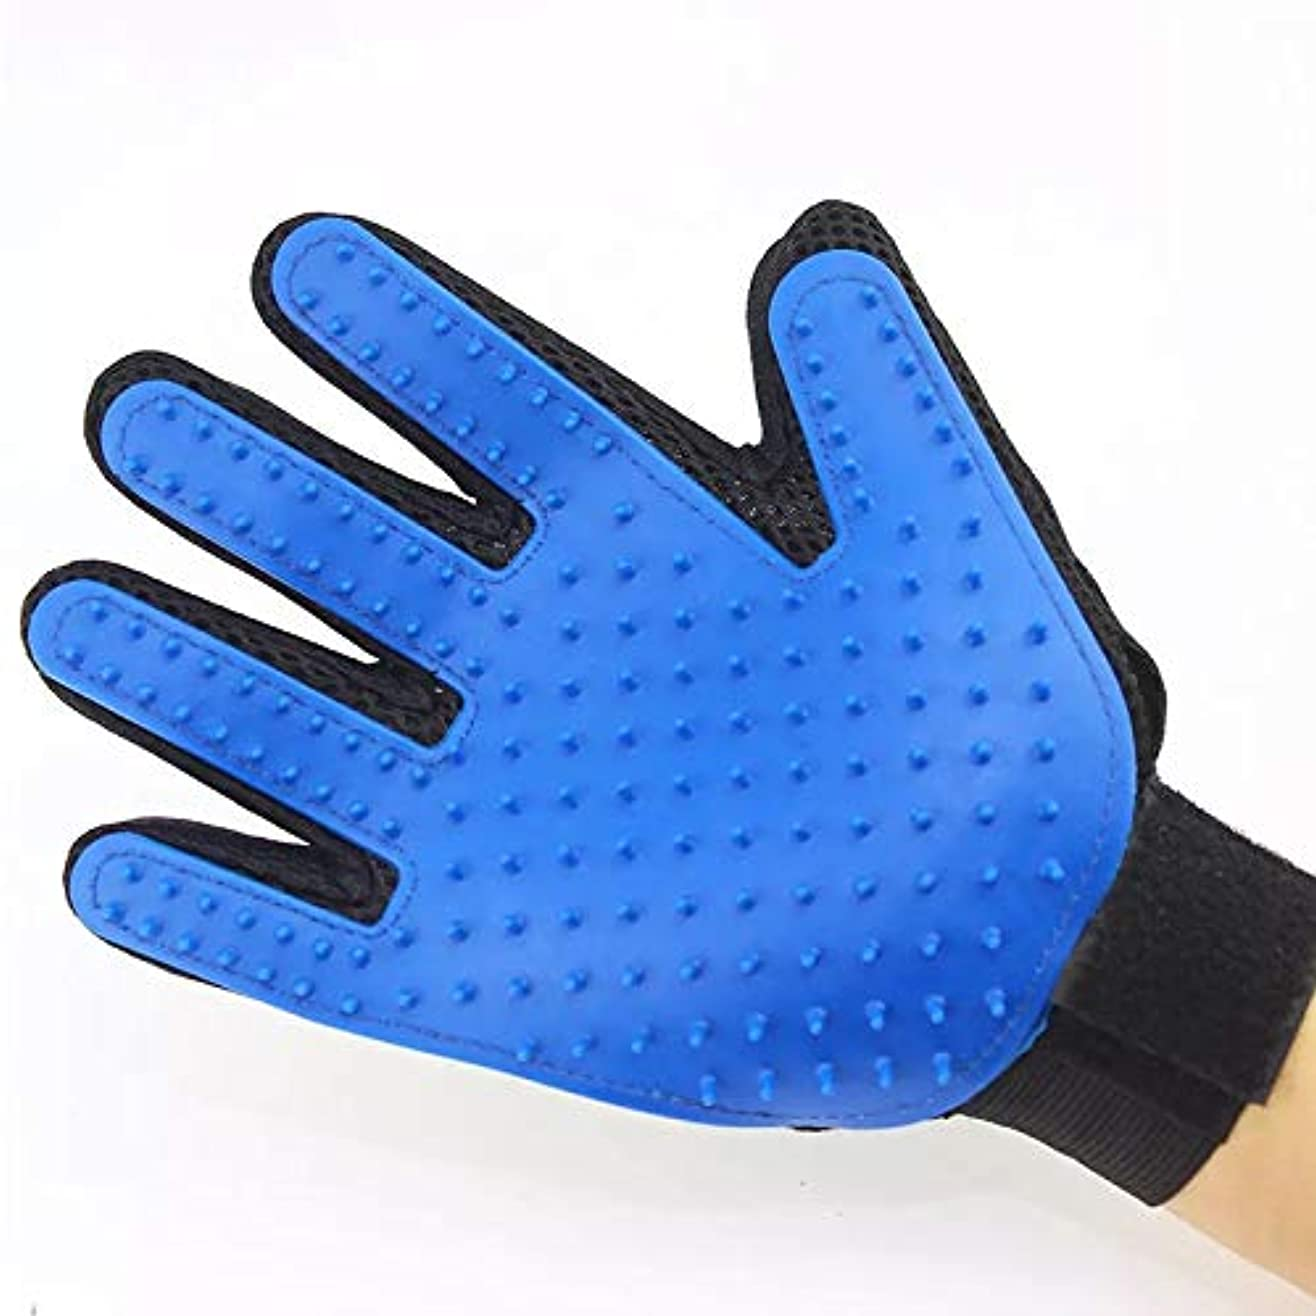 面積農村仲間、同僚BTXXYJP ペット ブラシ 手袋 猫 犬 ブラシ グローブ クリーナー 耐摩耗 抜け毛取り マッサージブラシ グローブ (Color : Red, Style : Right hand)